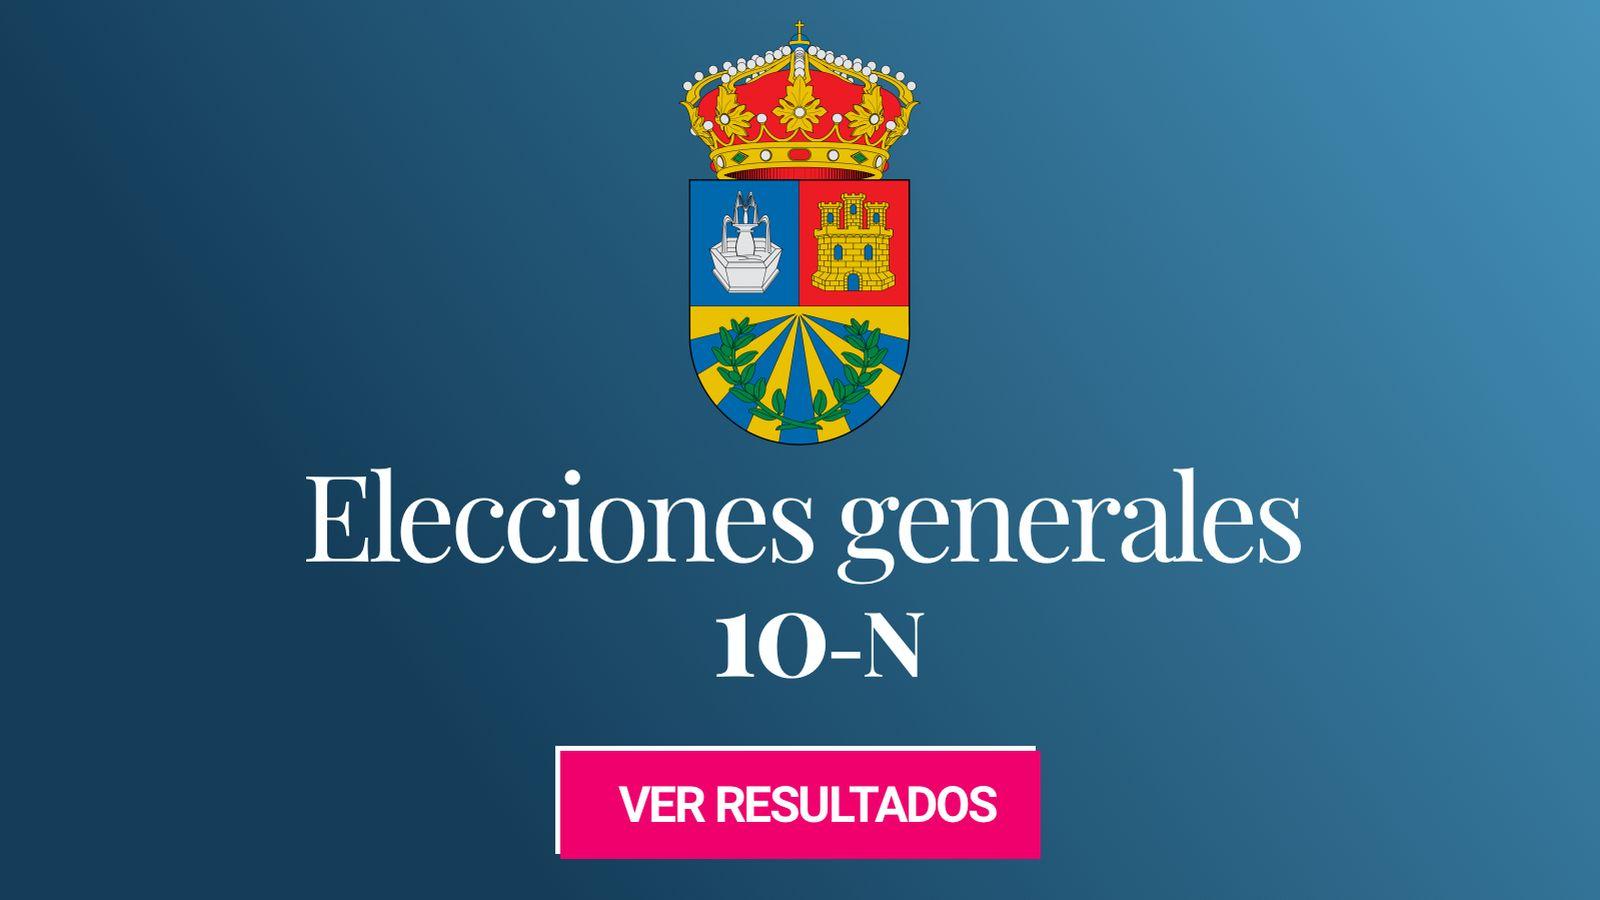 Foto: Elecciones generales 2019 en Fuenlabrada. (C.C./EC)